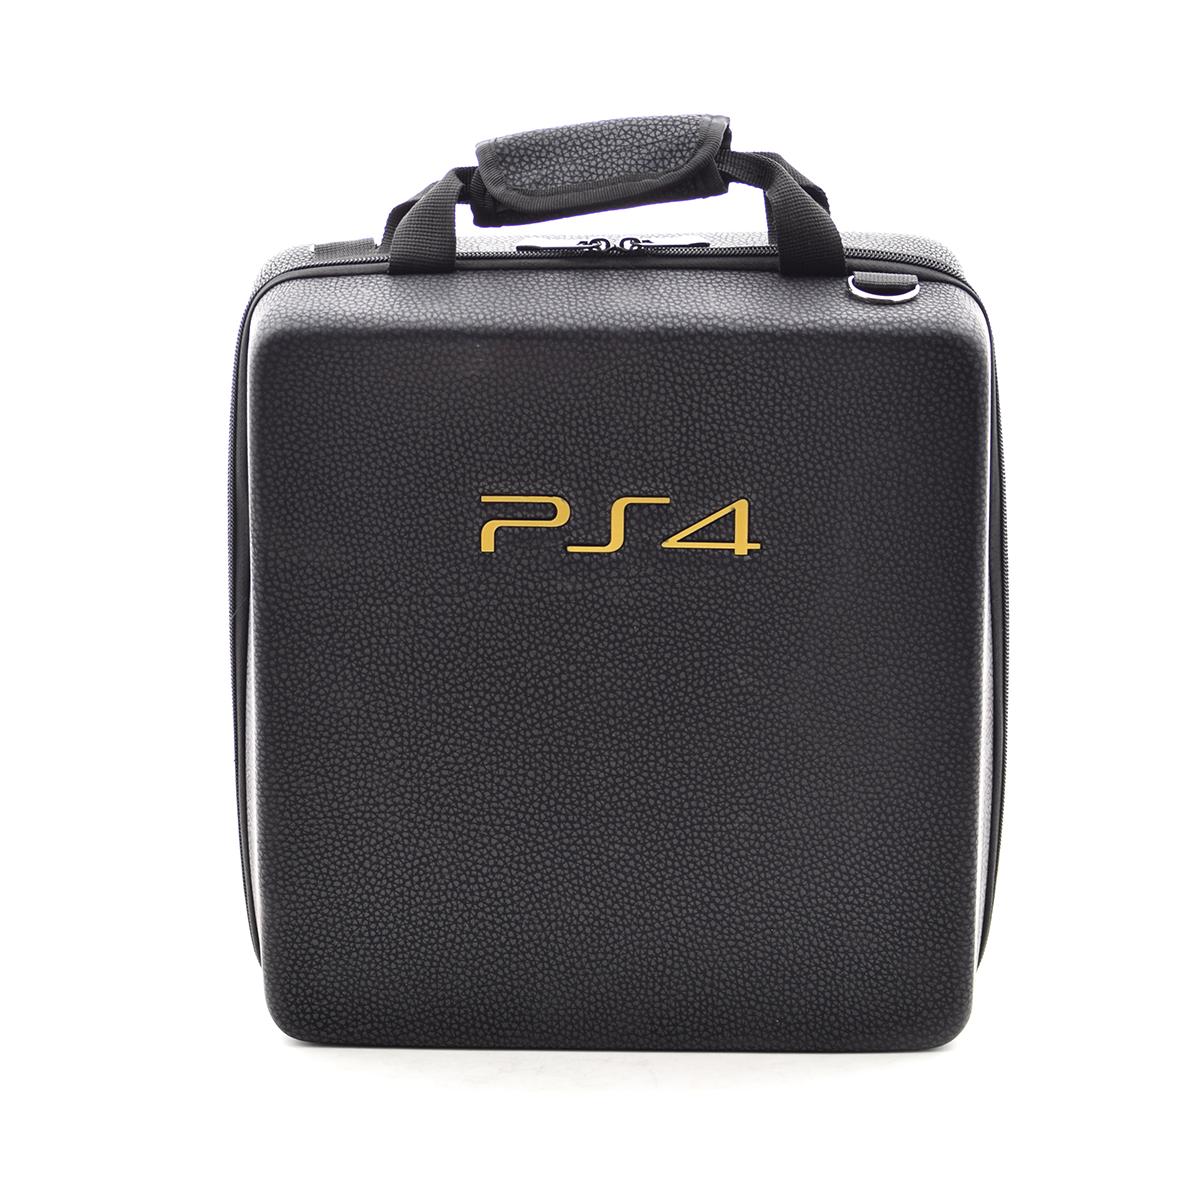 کیف حمل پلی استیشن 4 Pro مدل 1005 طرح چرمی